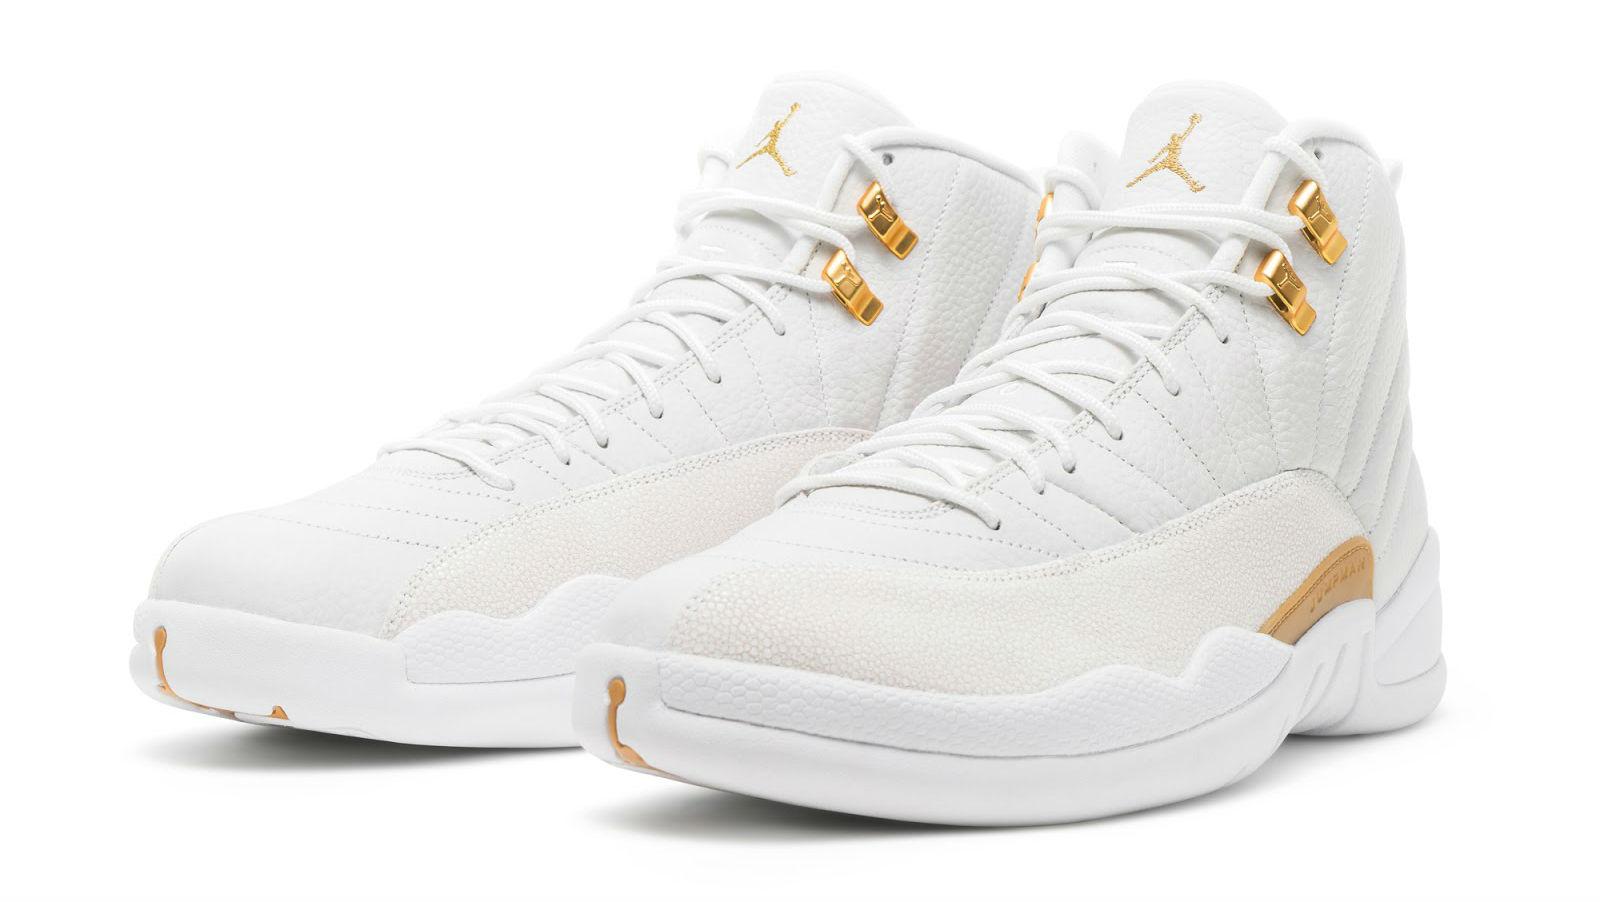 Air Jordan 12 12s Ovo Blanches